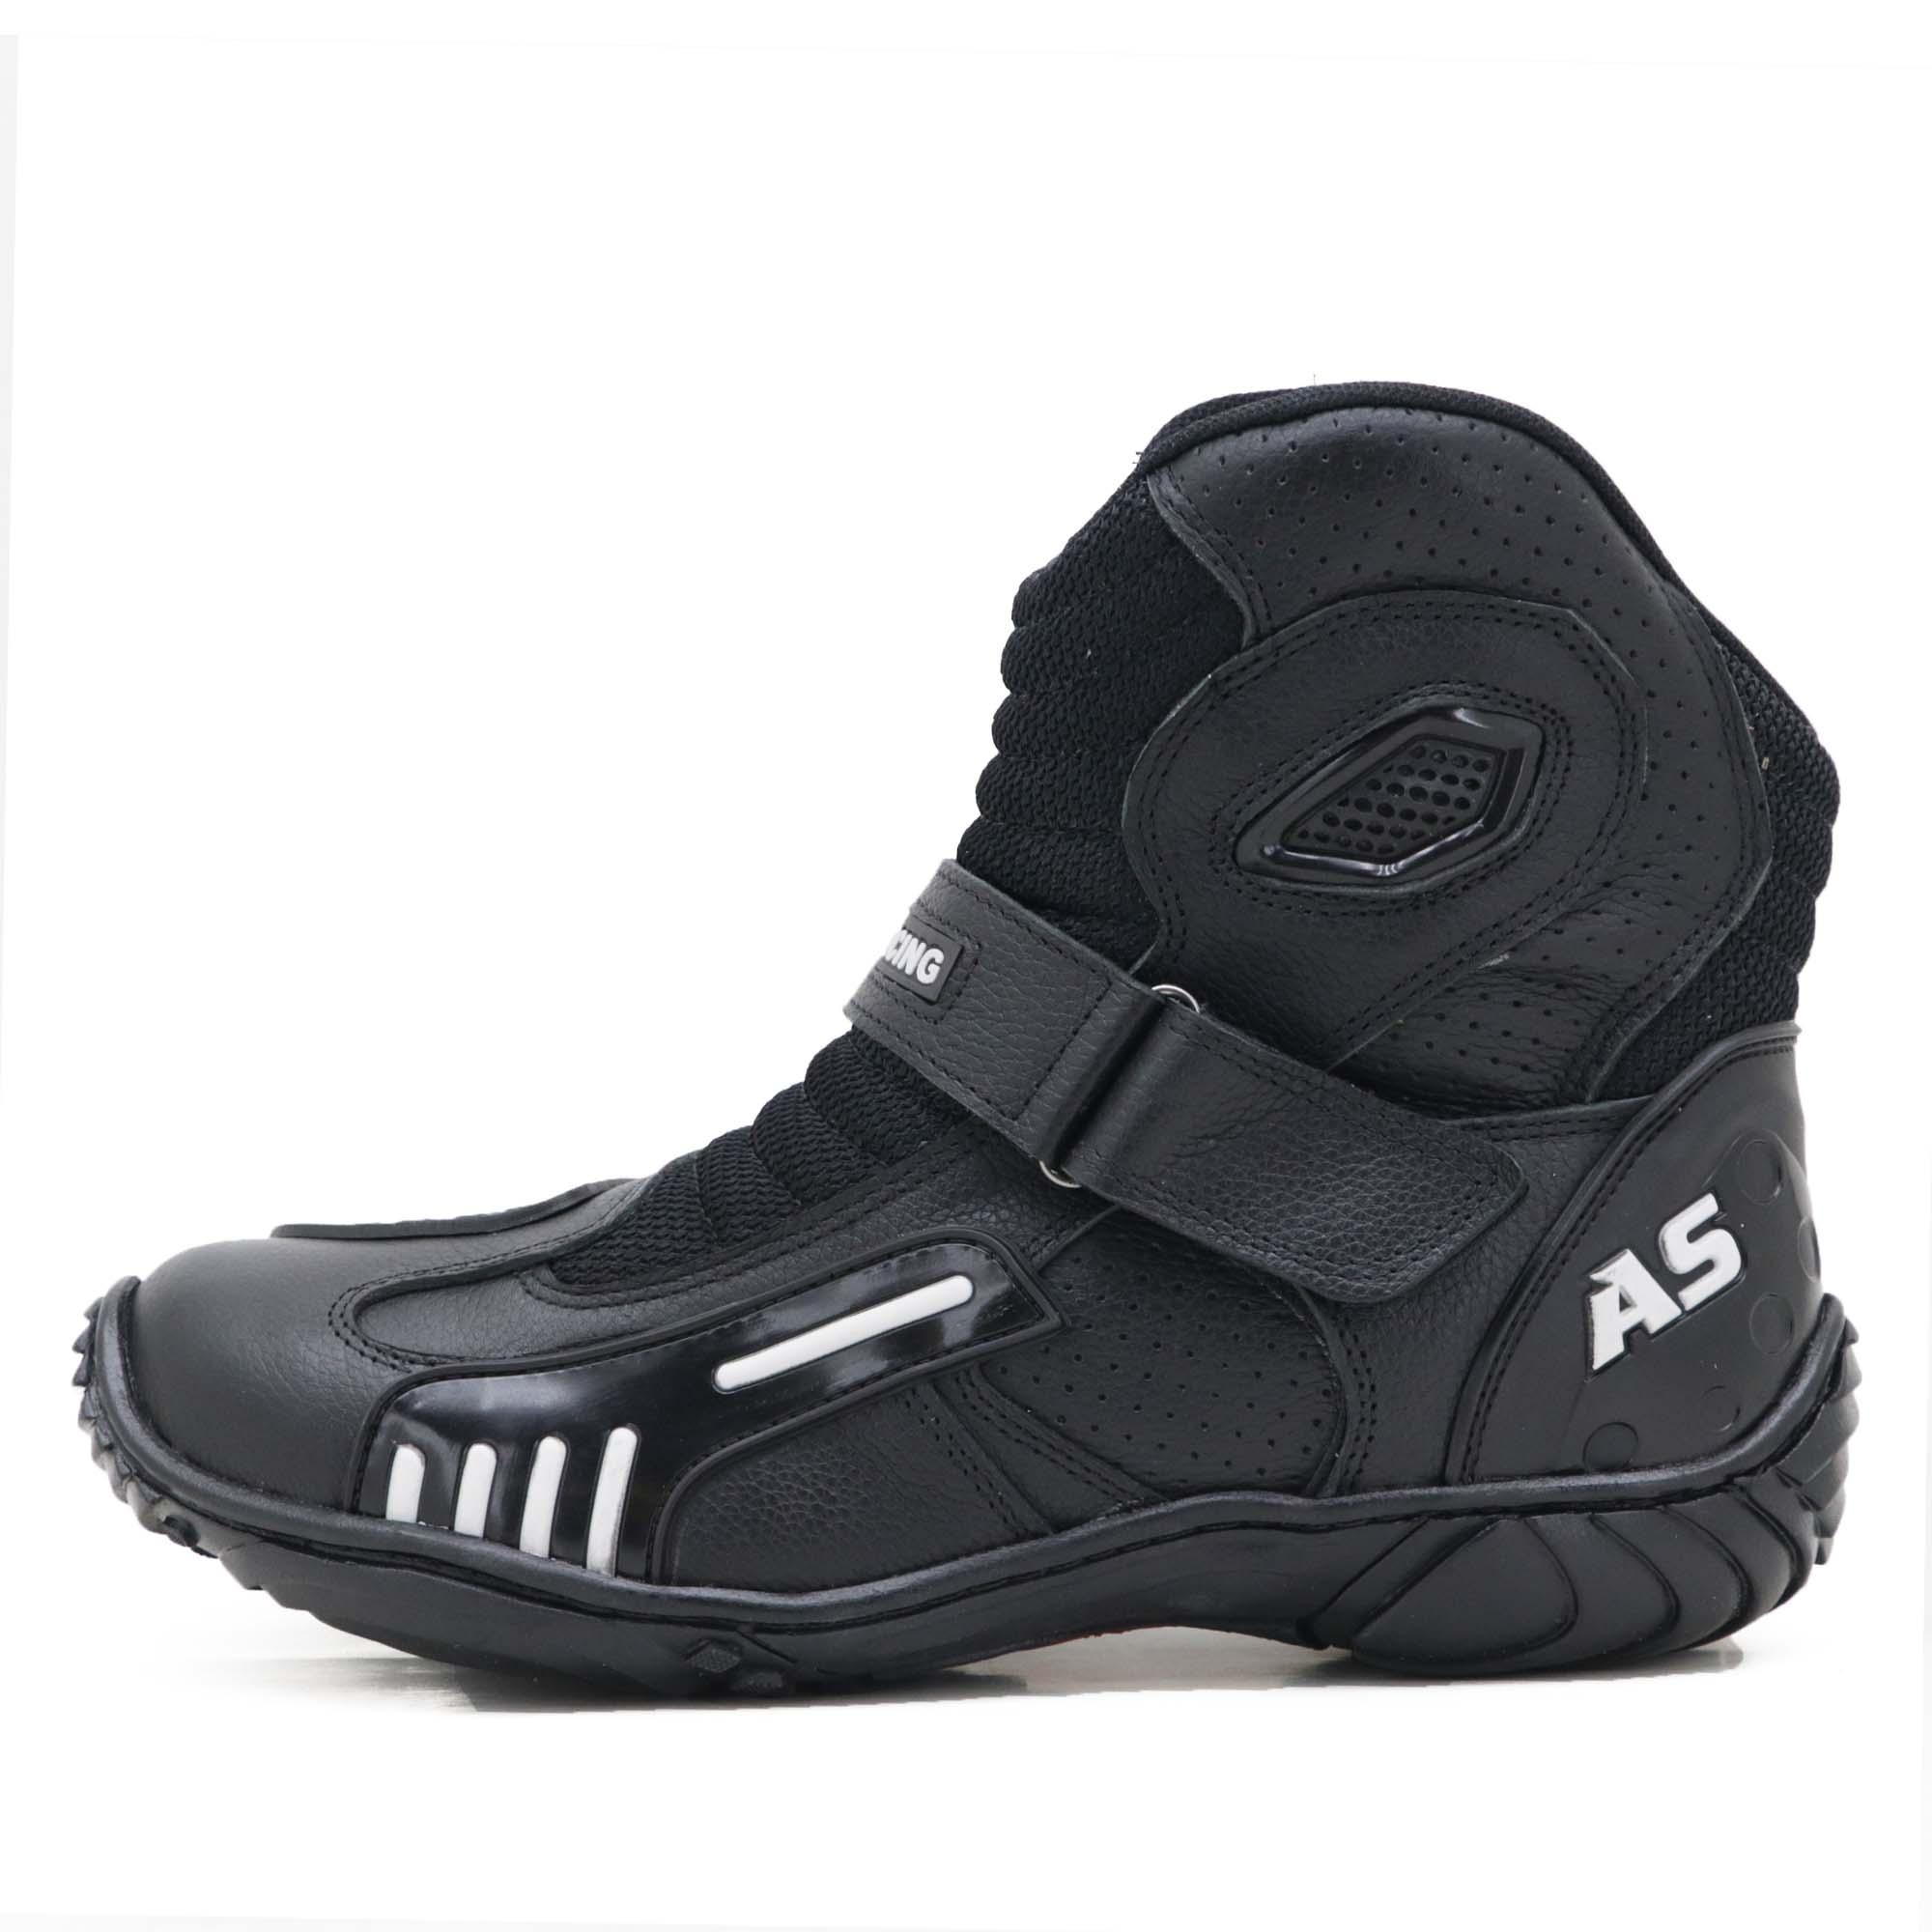 Bota motociclista AS-RACING respirável em couro legítimo na cor preta 406